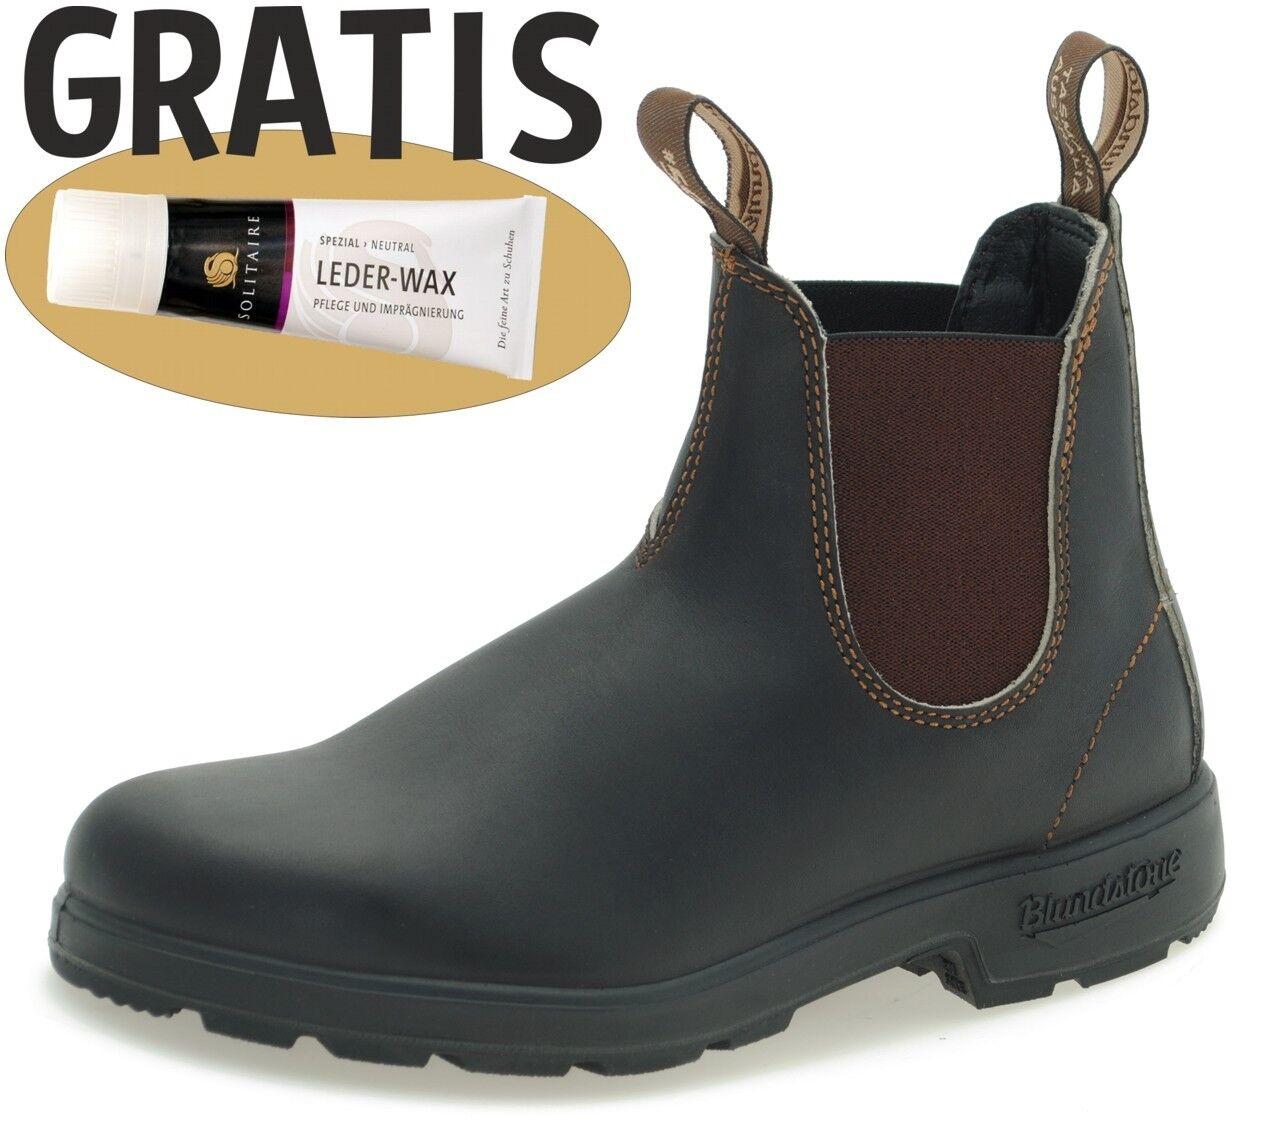 Blaundstone 500 Chelsea Stiefel Stiefel Leder Outdoor Büro - Stout Stout Stout braun + Lederwax c04063